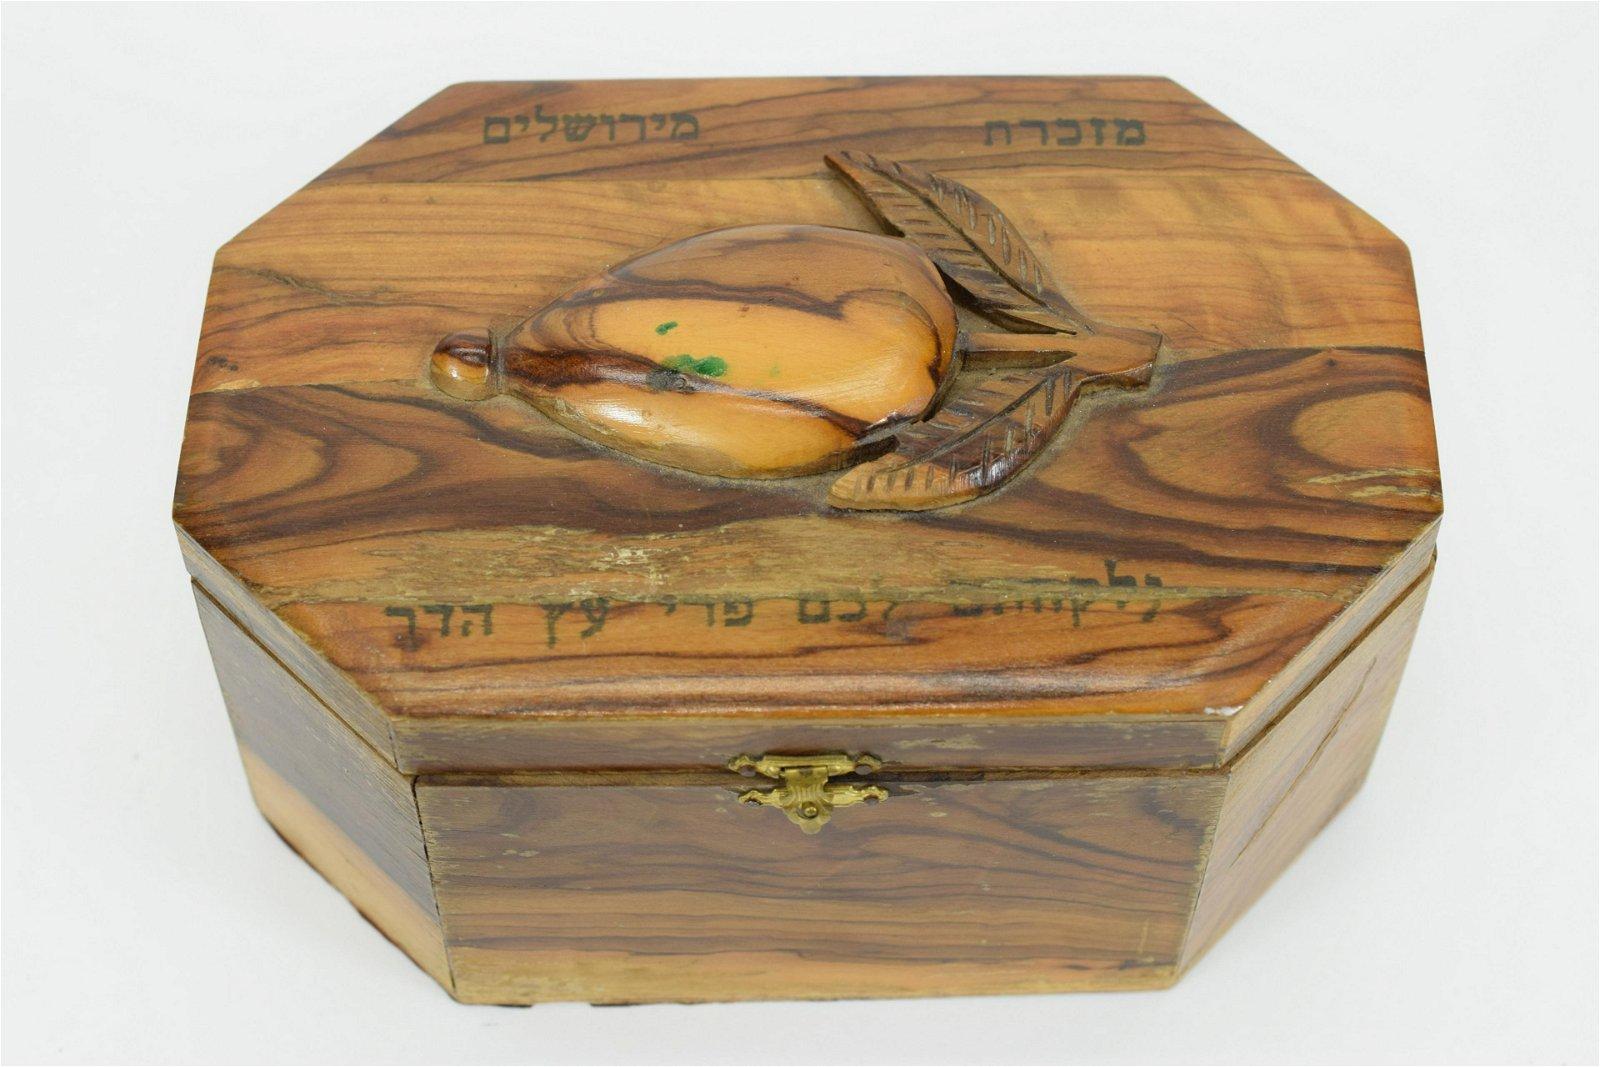 VINTAGE JUDAICA OLIVE WOOD ETROG BOX